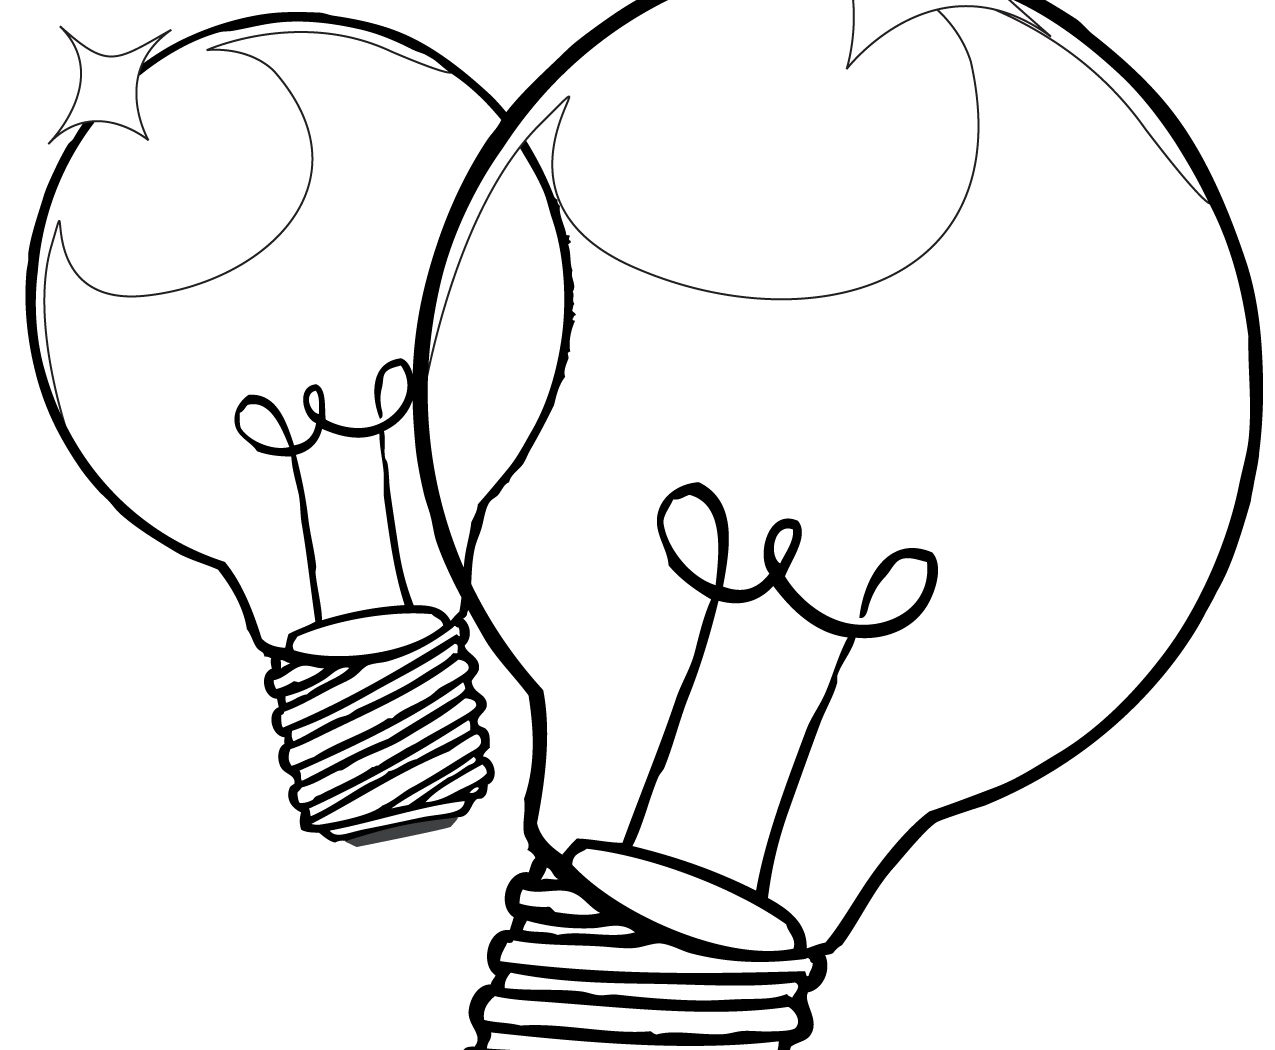 1275x1050 Light Bulb Coloring Page For Kids Free Printable Christmas Sheet